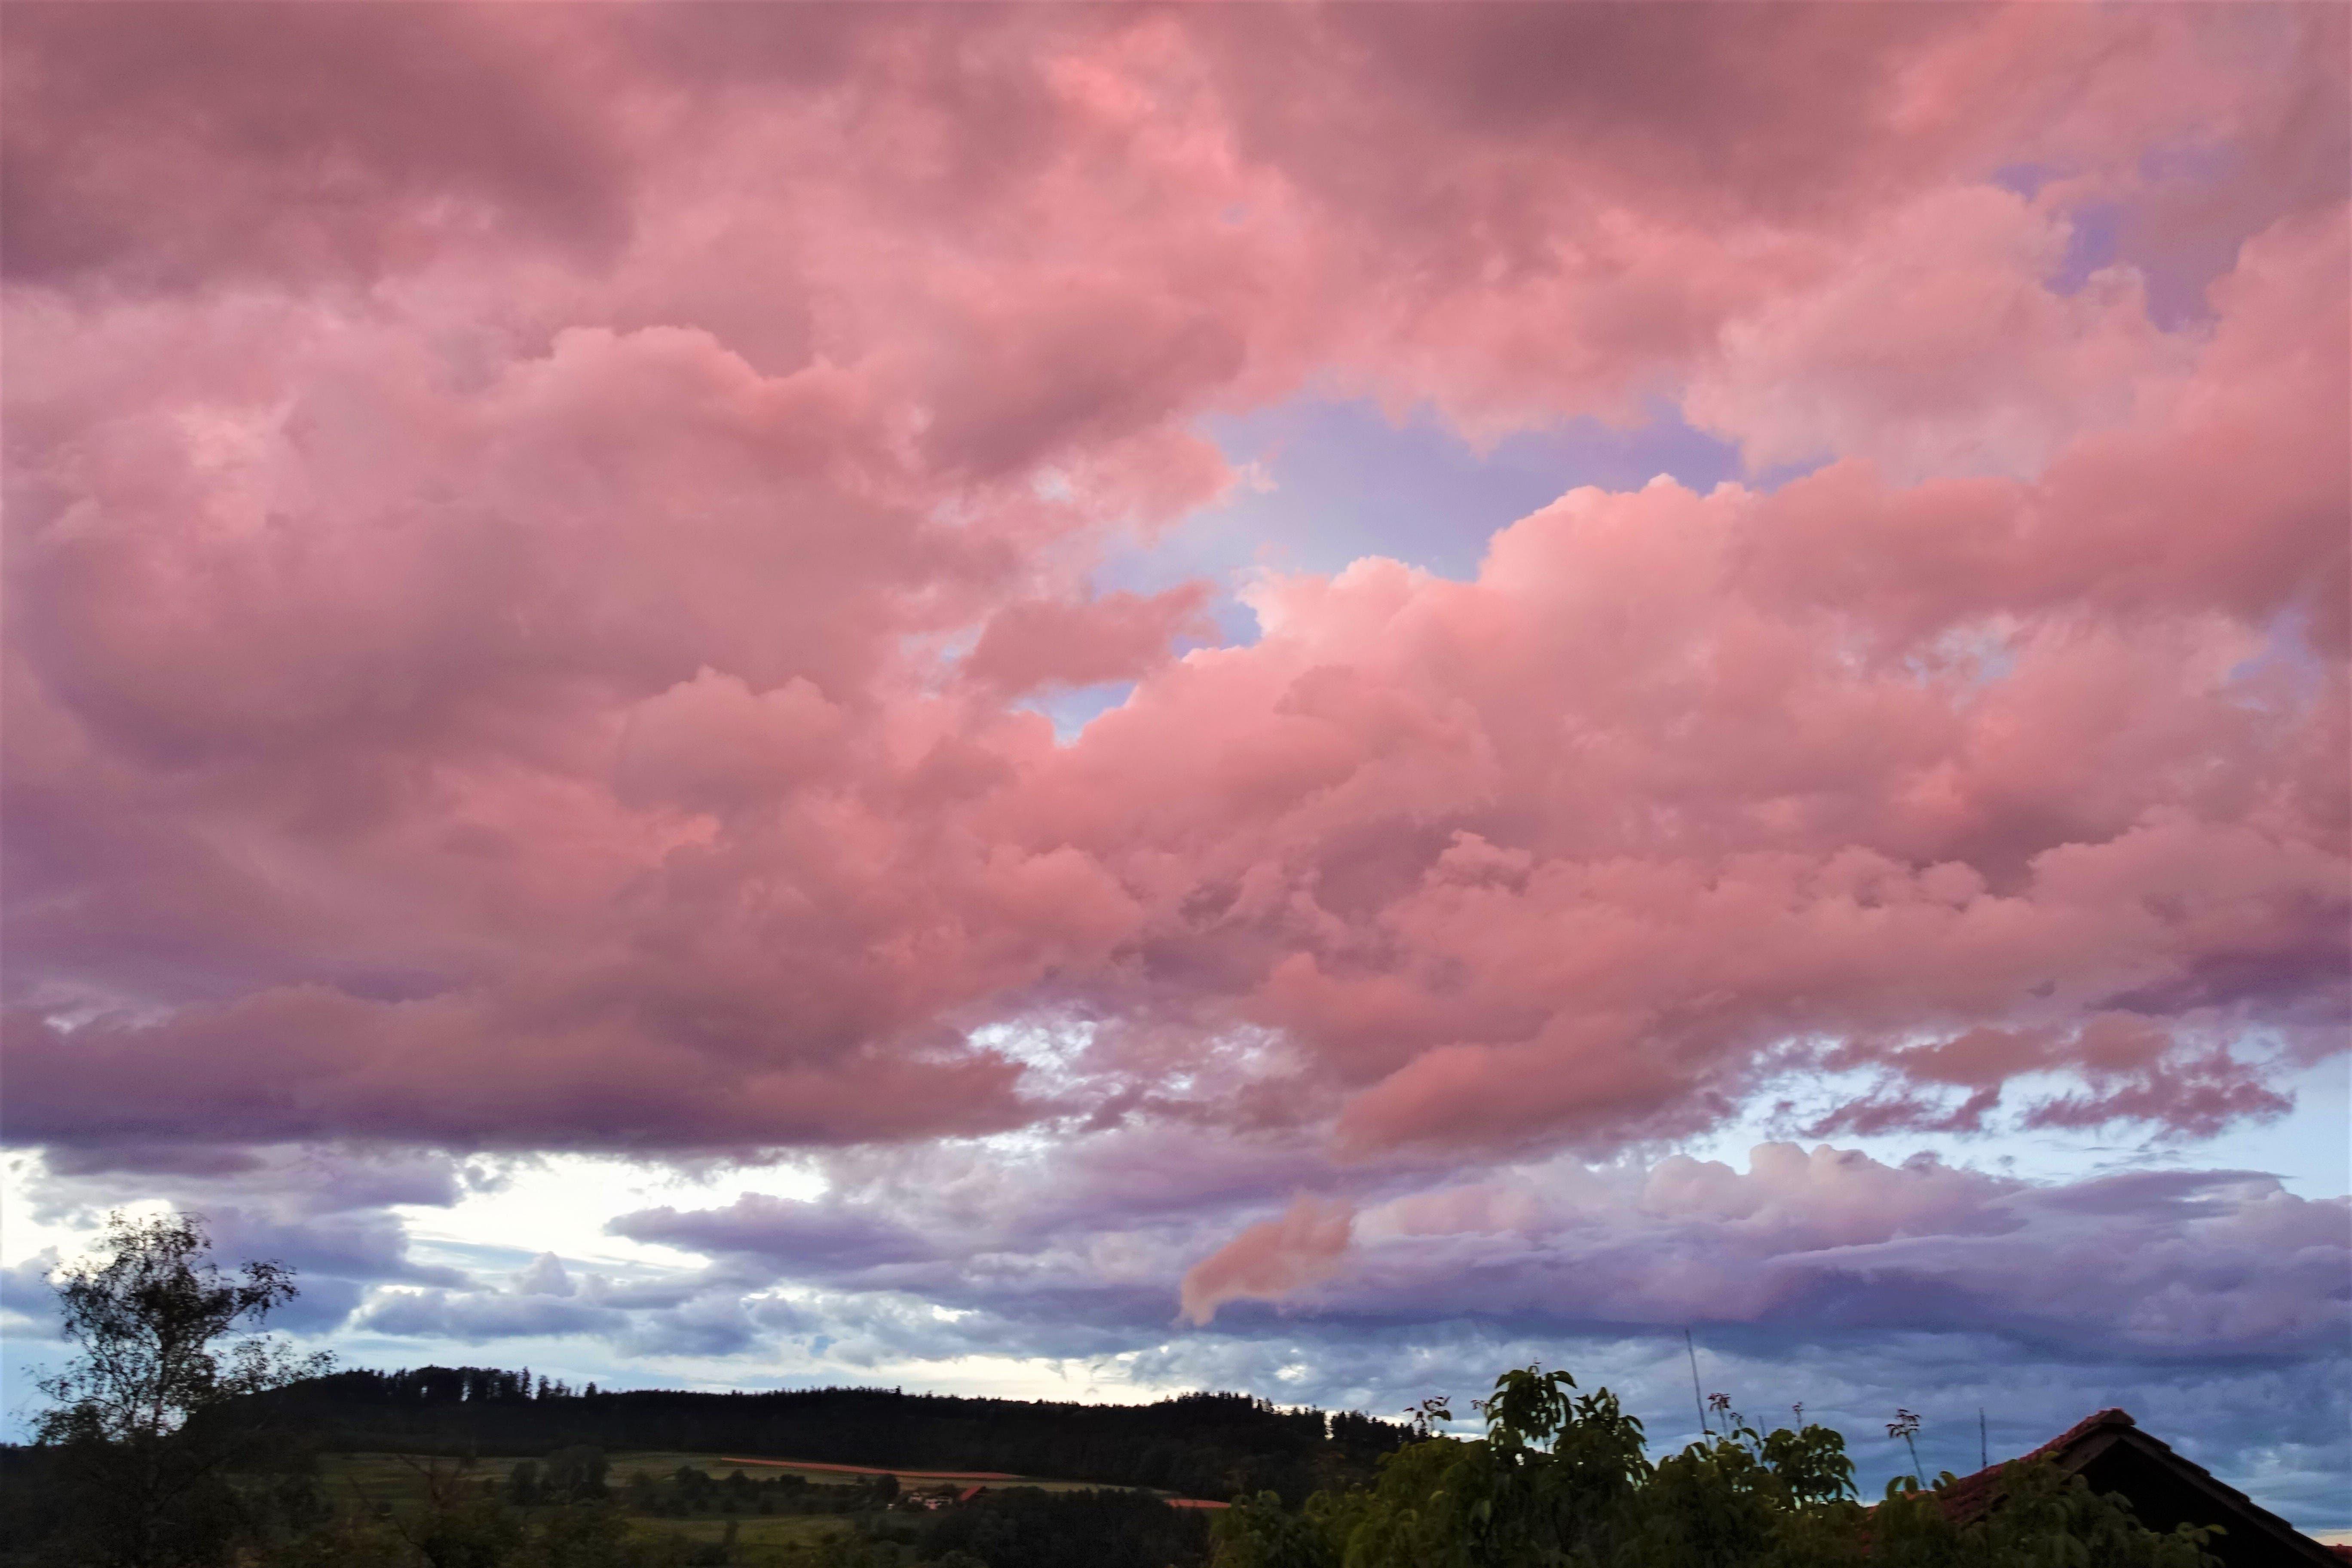 Die untergehende Sonne färbt die aufkommenden Gewitterwolken rötlich.